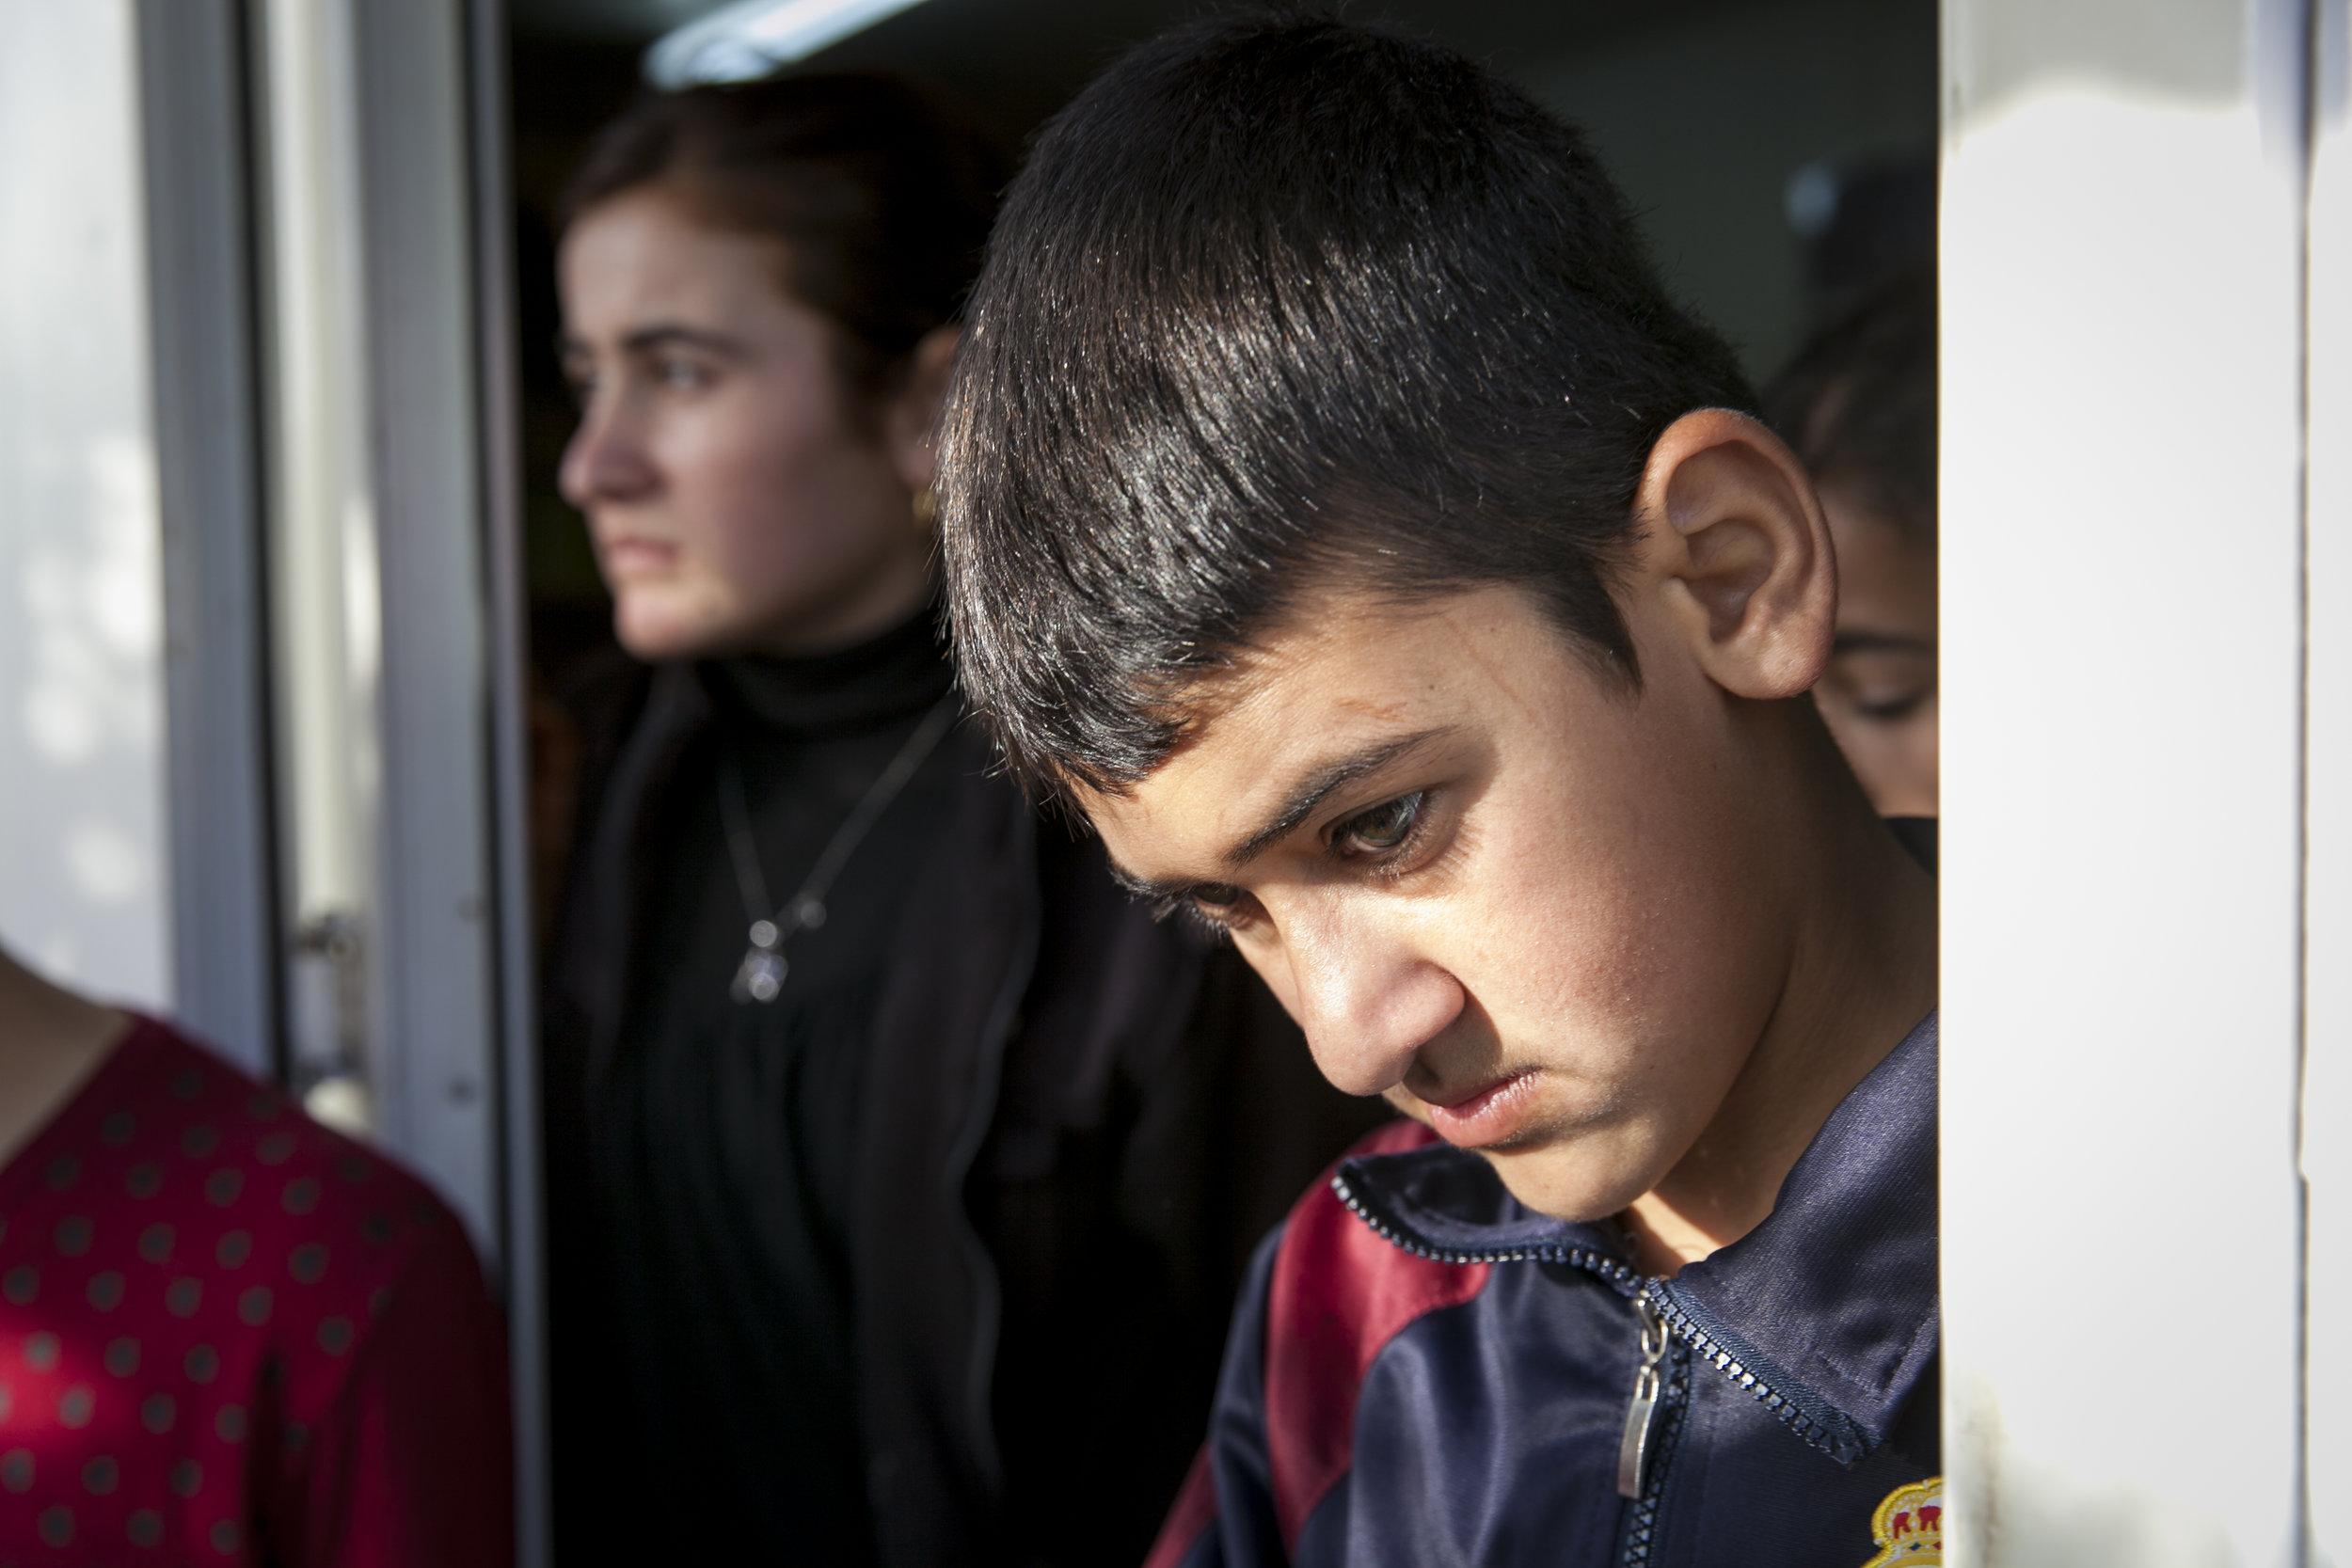 20141205_Refugee_GH_0564.jpg